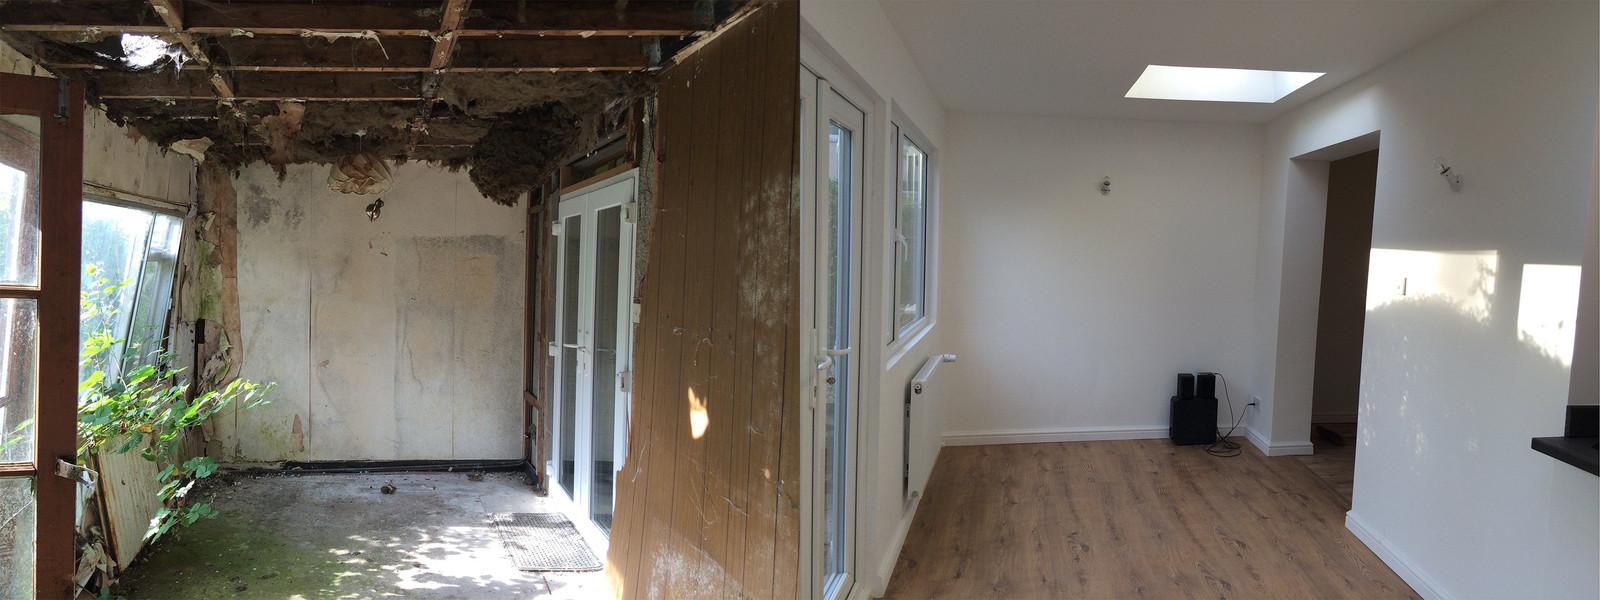 Фото - Капитальный ремонт квартиры под ключ